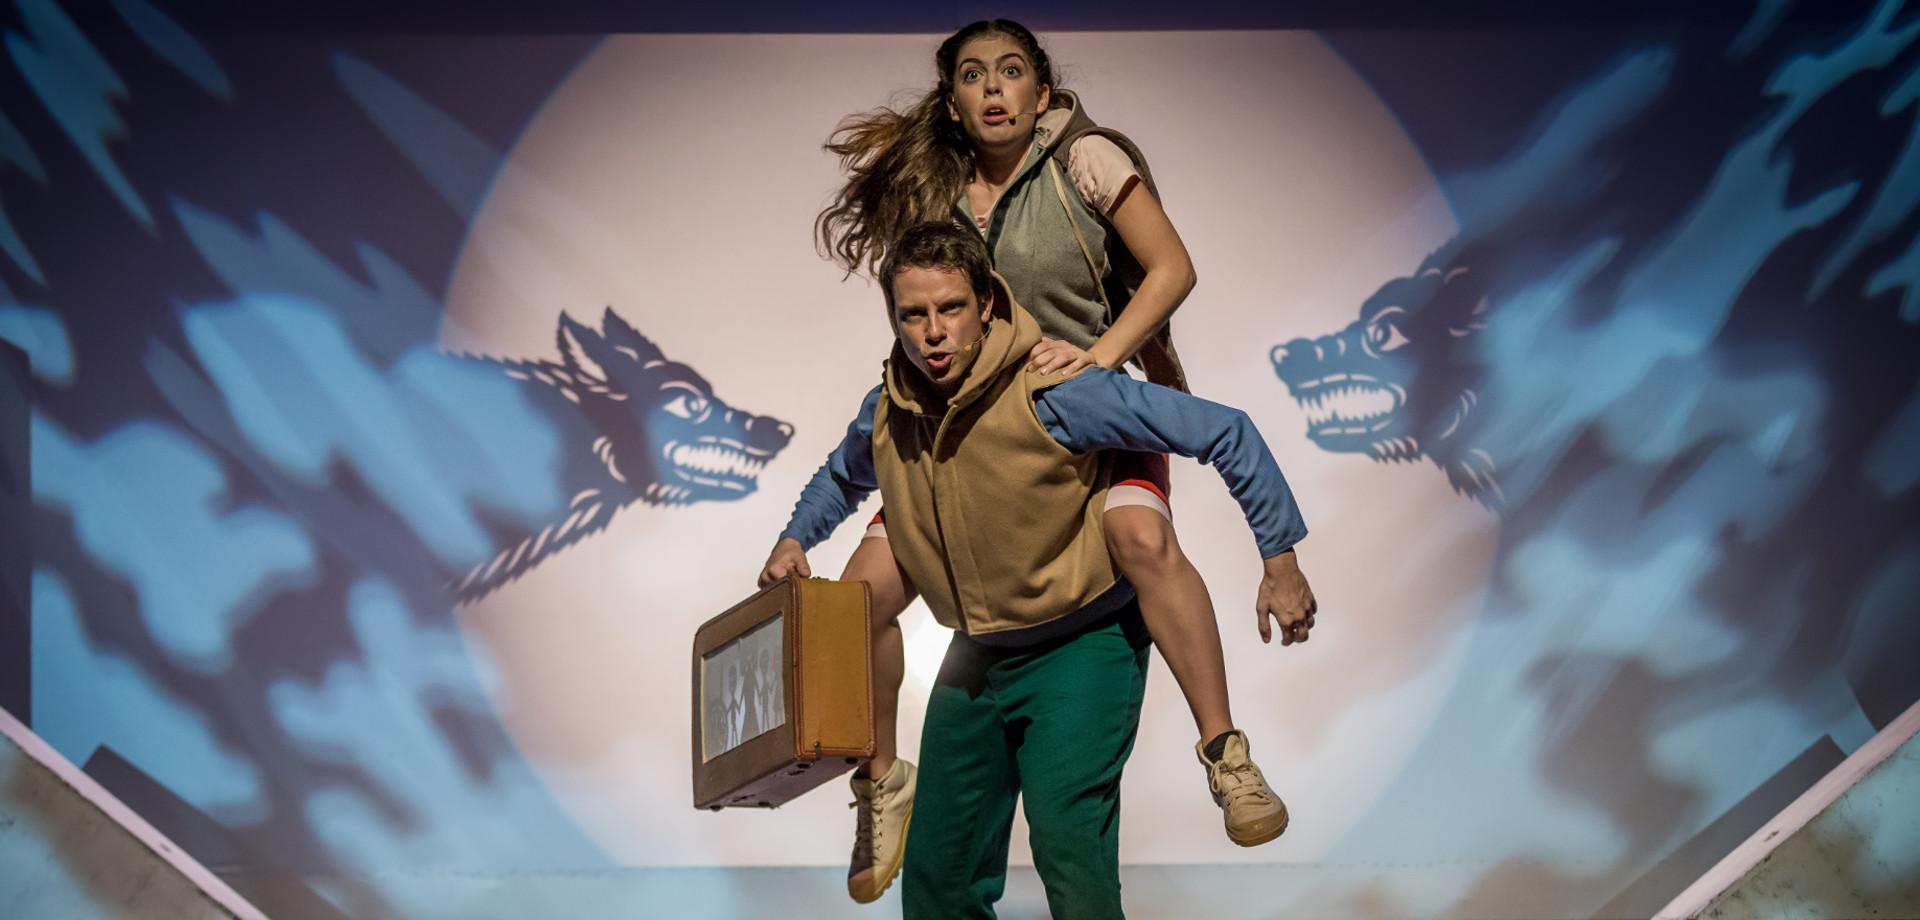 96a8efcc6123 «Το αγόρι με τη βαλίτσα» ταξιδεύει για δεύτερη χρονιά στο Θέατρο Κάππα